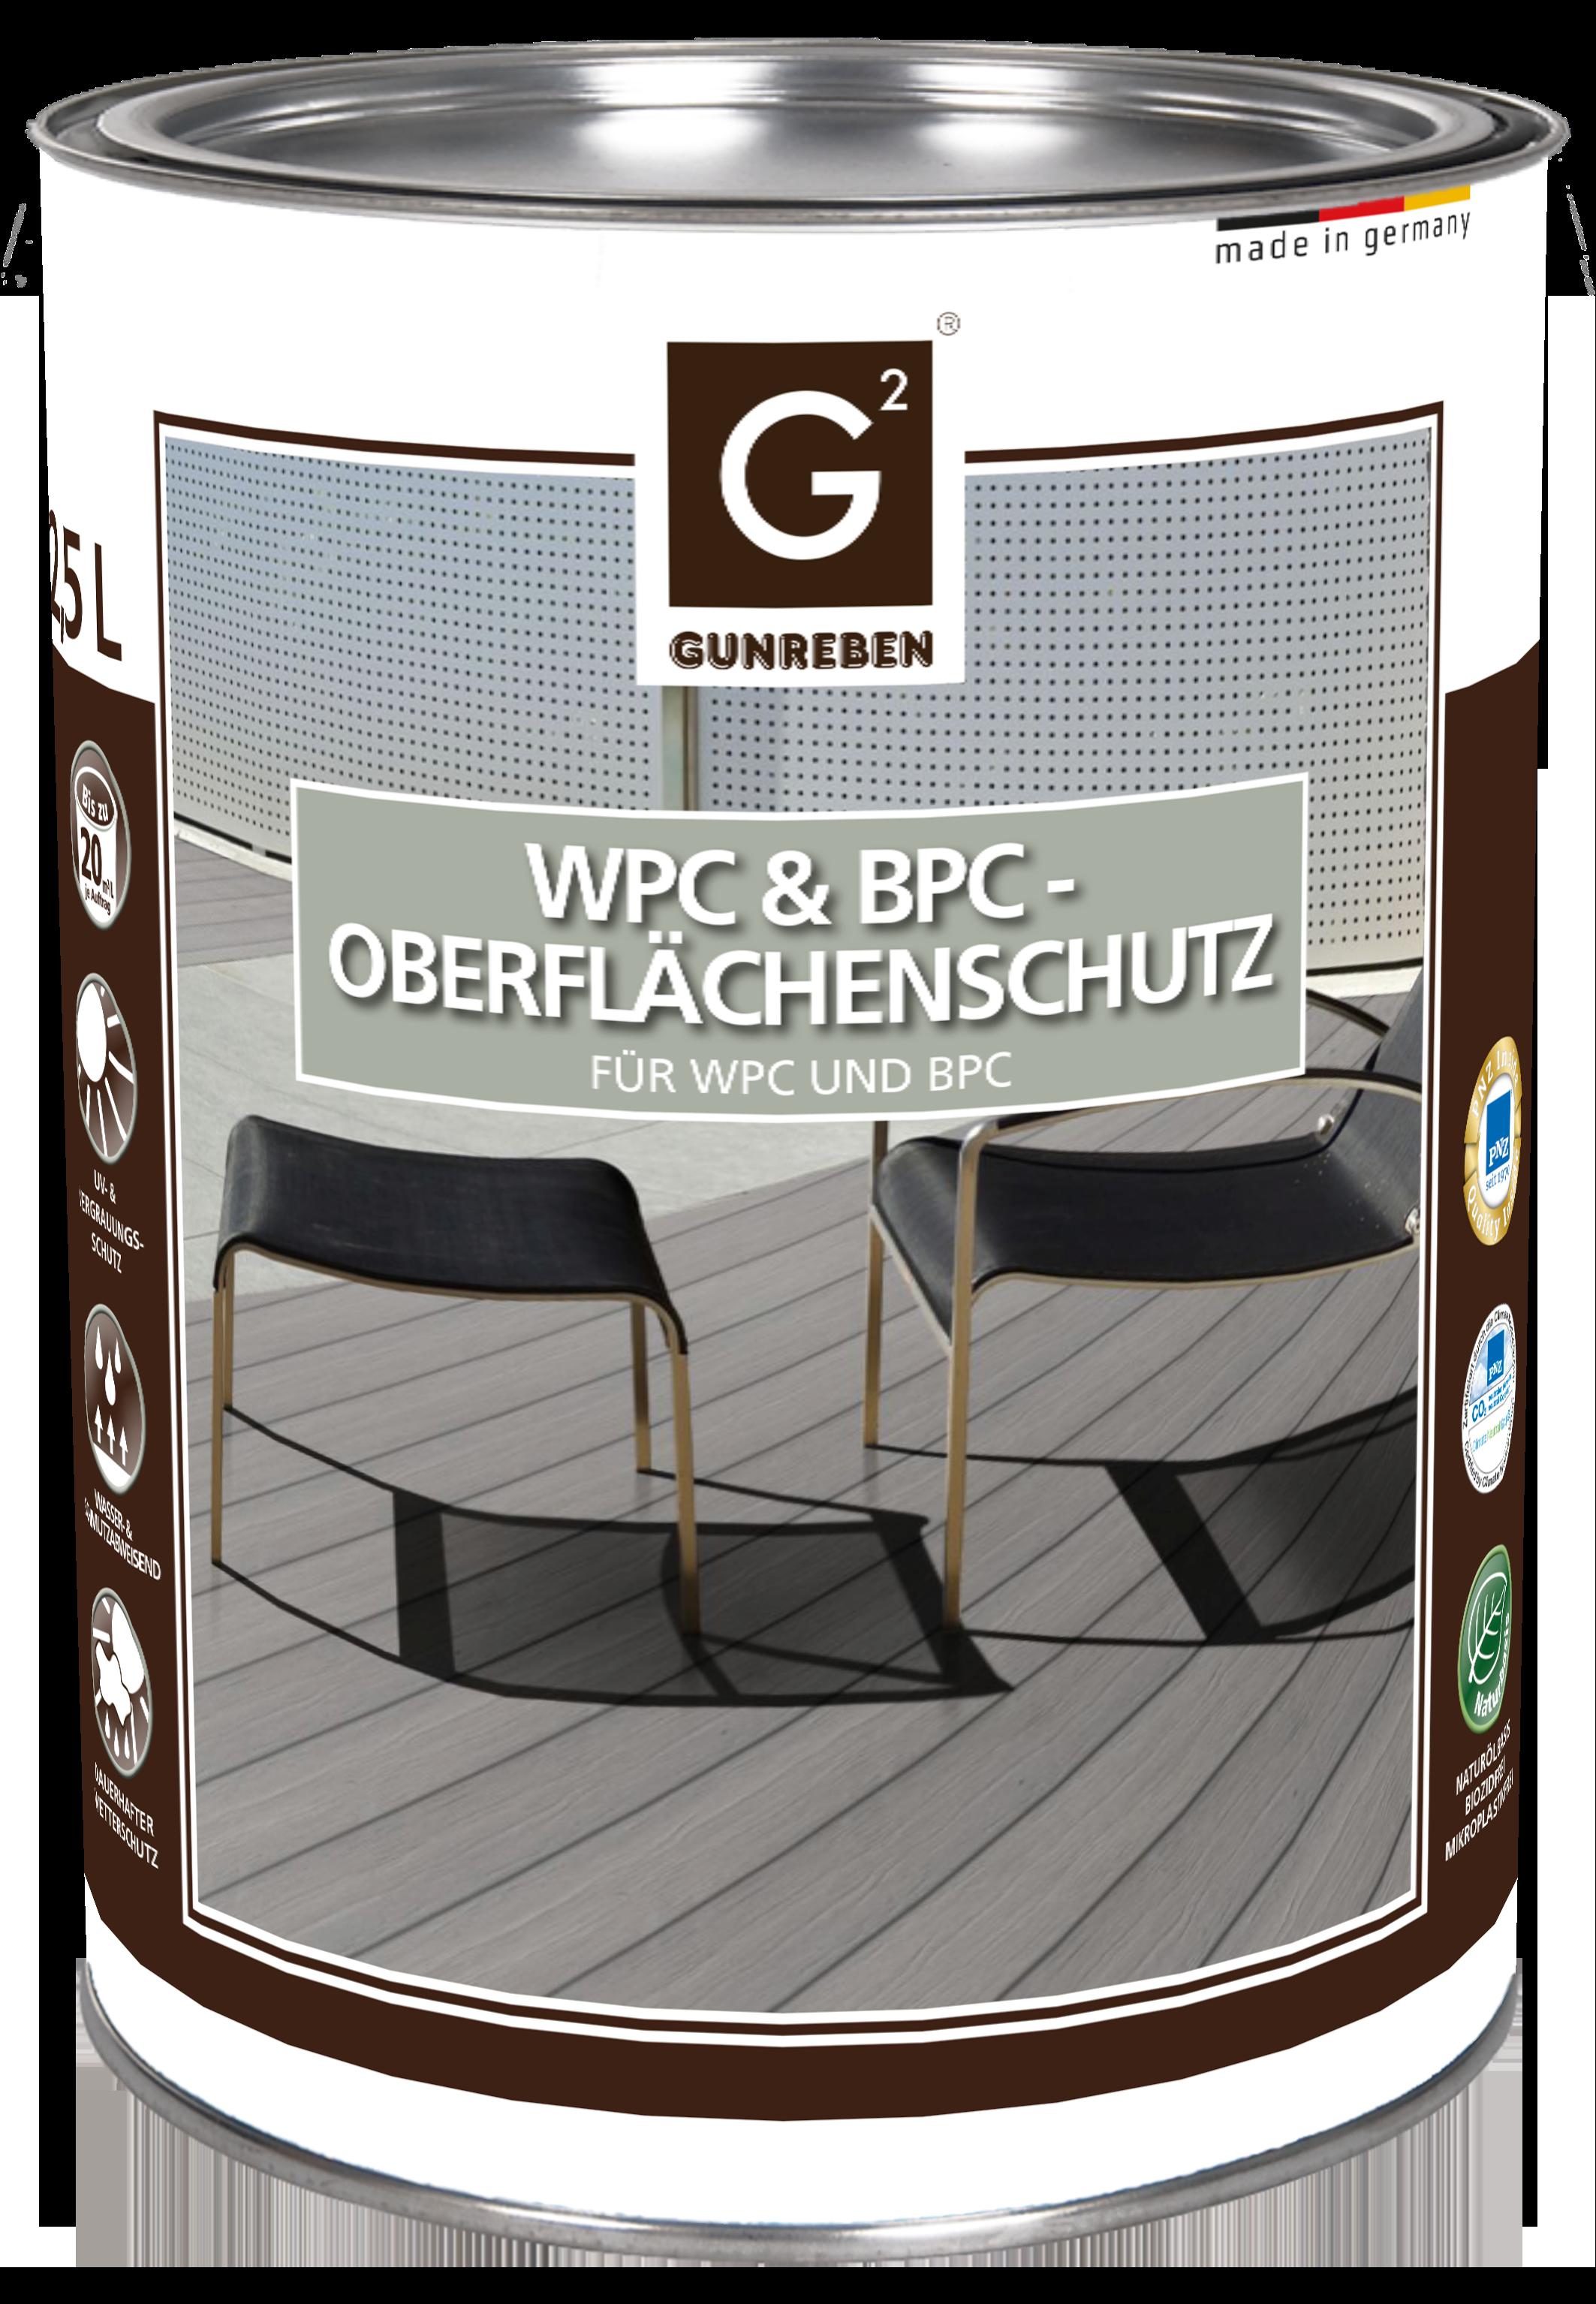 Gunreben WPC Oberflächenschutz, Kanister mit 2,5 Liter für ca. 20-40 m²